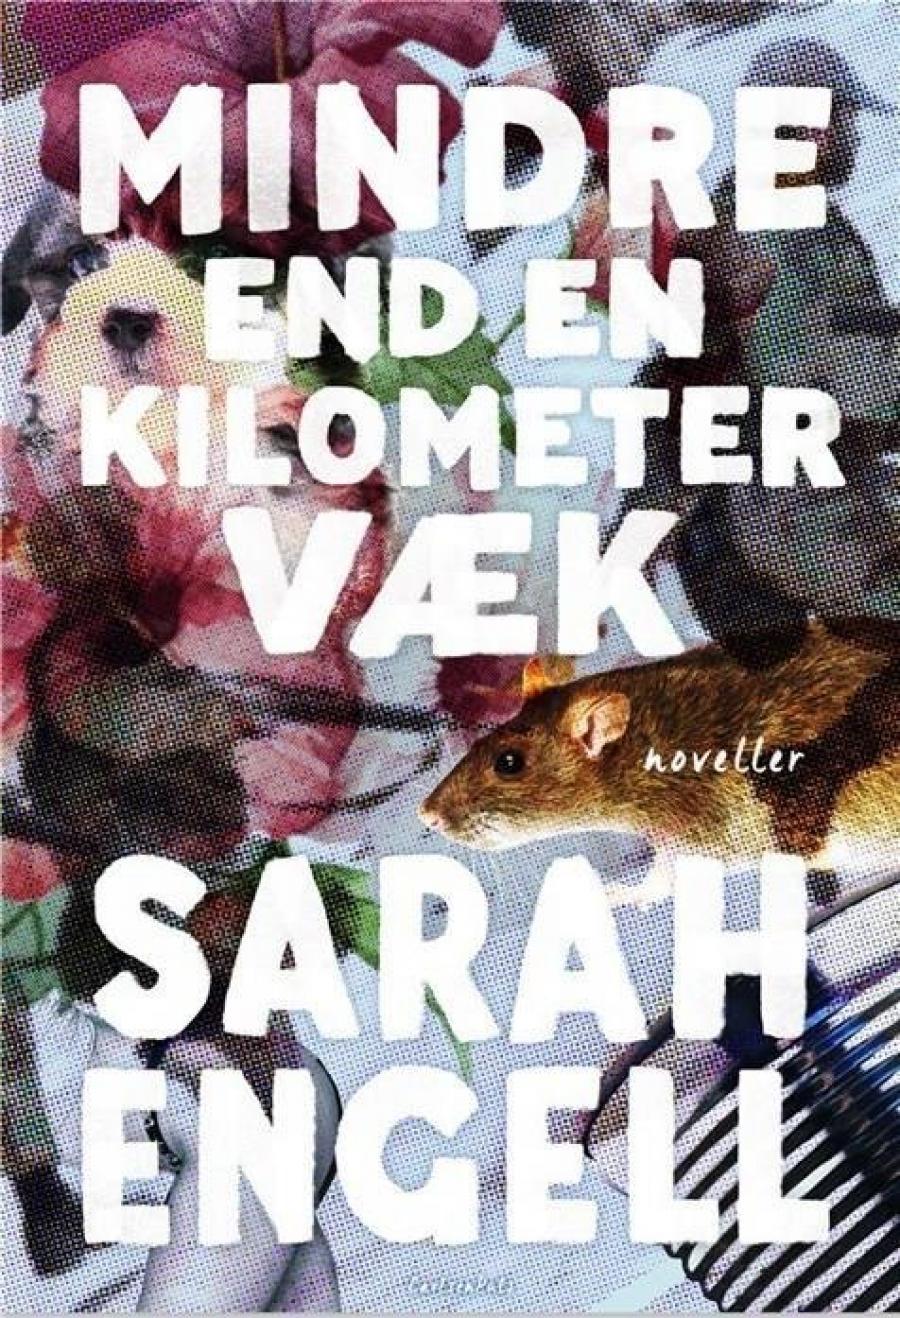 Billede af bogen Mindre end en kilometer væk af Sarah Engell